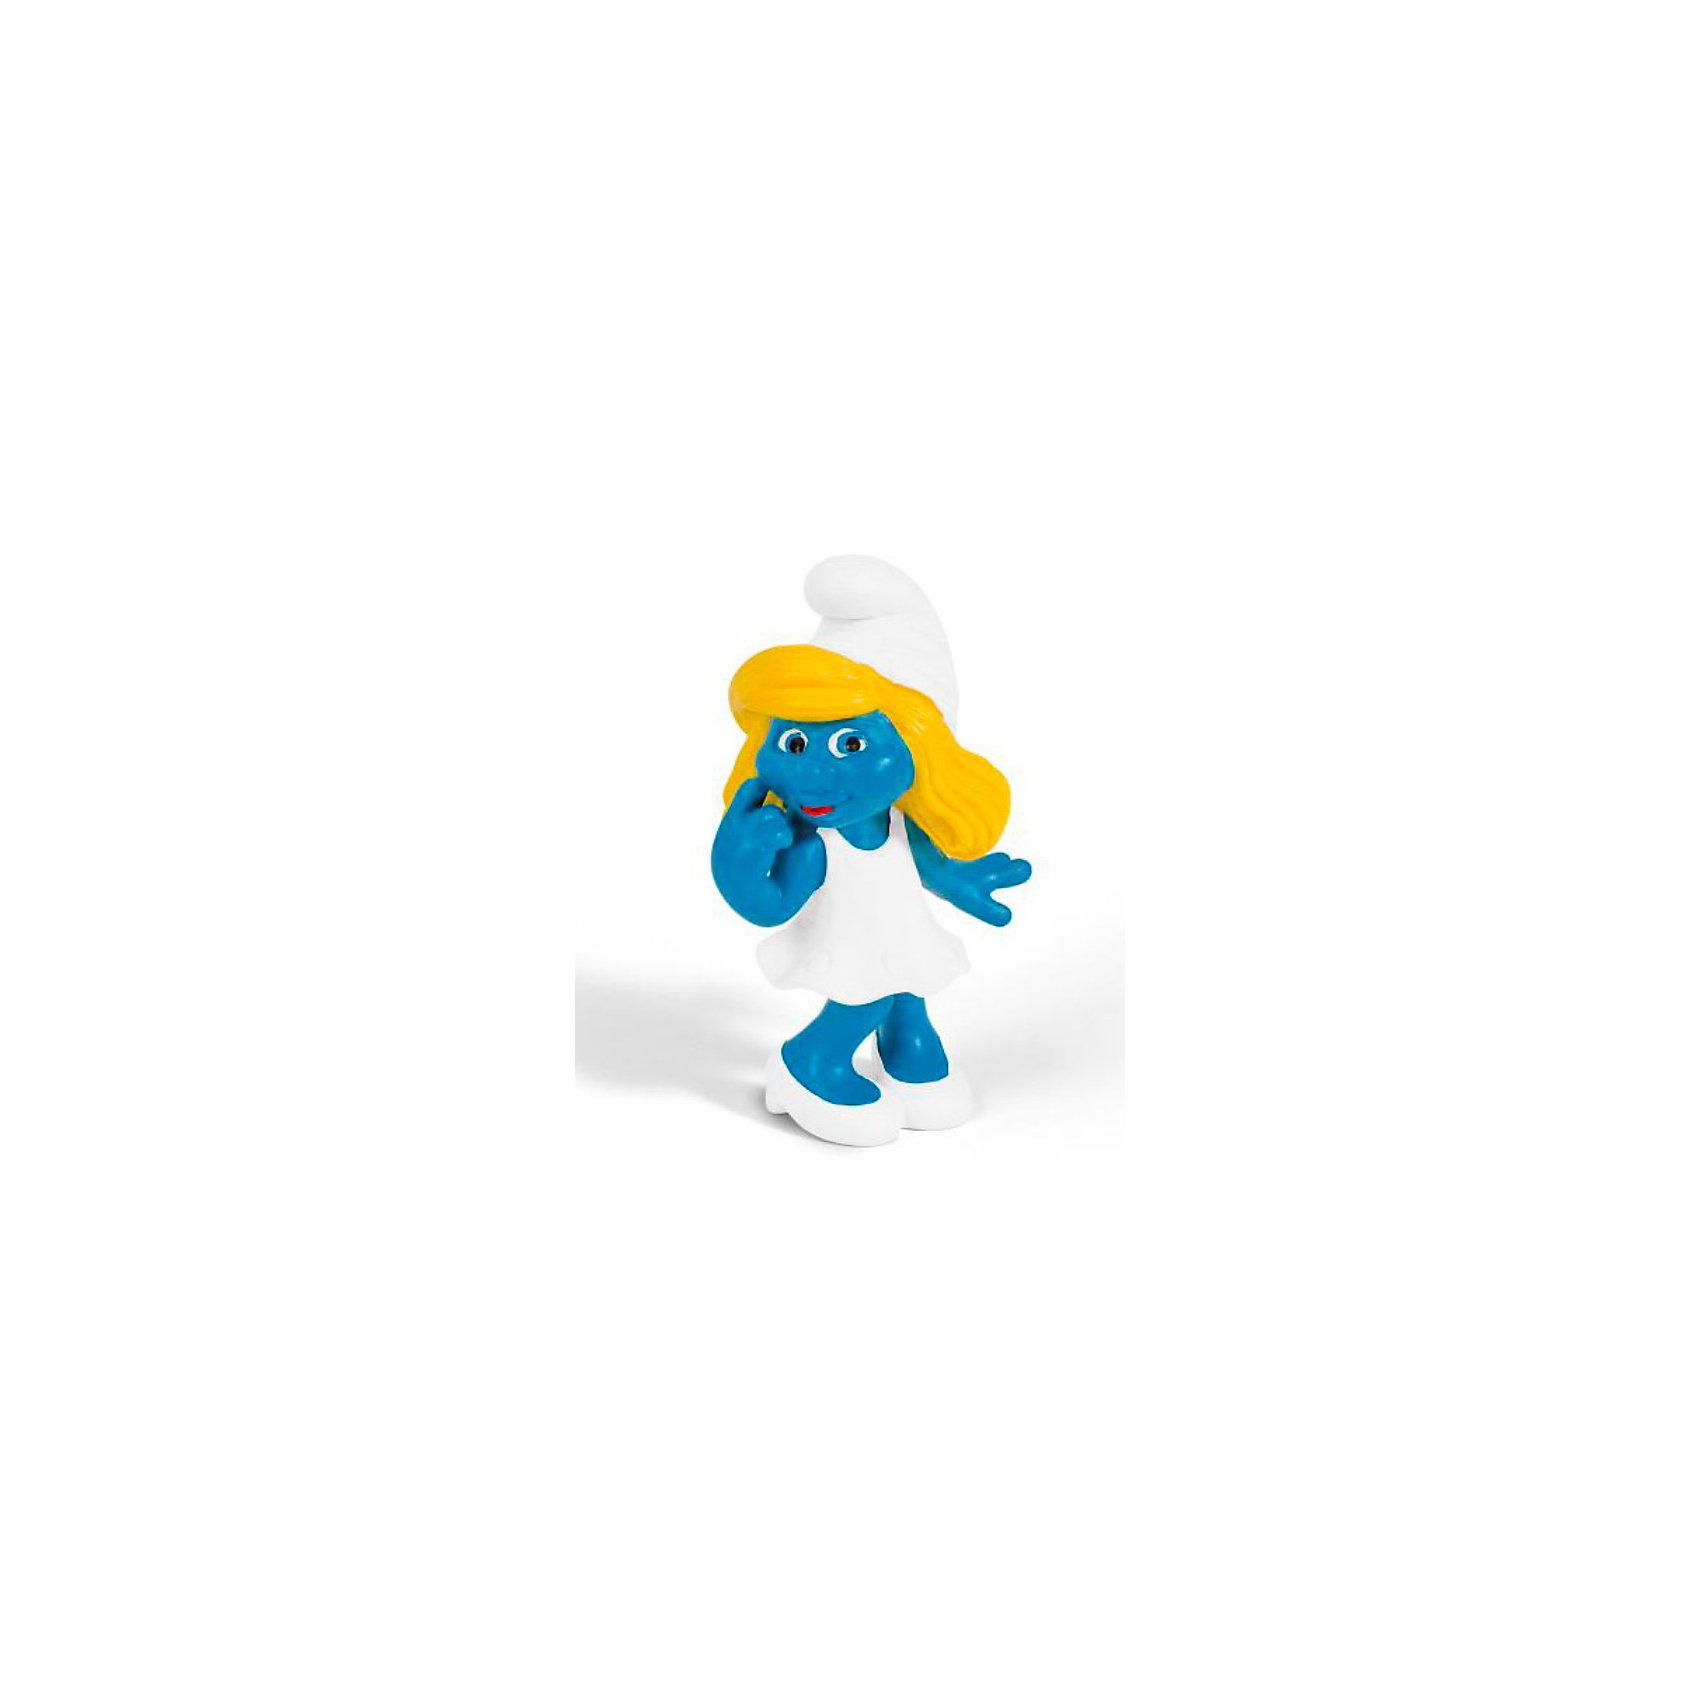 Фигурка Смурфики - Мечтающая Смурфетта, 5.5 см, SchleichФигурки из мультфильмов<br>Характеристики:<br><br>• материал: пластик каучуковый;<br>• серия: «Смурфы в 3D»;<br>• высота фигурки: 5,5 см;<br>• вес: 29 г;<br>• размеры: 4х3х5,5 см;<br>• особенности ухода: влажная чистка.<br><br>Гномик Девочка мечтающая, Schleich – эта фигурка смурфа, выполненная по мотивам популярного мультфильма «Смурфы в 3D». <br><br>Игрушка выполнена в миниатюрном размере. Полностью соответствует облику экранного прототипа: у Смурфетты белое платье и туфли, золотистые волосы покрывает белая шапка-колпачок.<br><br>Фигурки от Шляйх выполнены из экологически безопасного каучукового пластика, который устойчив к появлению царапин и сколов. Гномик раскрашен вручную, что обеспечивает высокую детализацию даже самых мелких деталей и элементов.<br><br>Гномика Девочку мечтающую, Schleich можно купить в нашем интернет-магазине.<br><br>Ширина мм: 133<br>Глубина мм: 32<br>Высота мм: 30<br>Вес г: 14<br>Возраст от месяцев: 36<br>Возраст до месяцев: 96<br>Пол: Унисекс<br>Возраст: Детский<br>SKU: 2232187